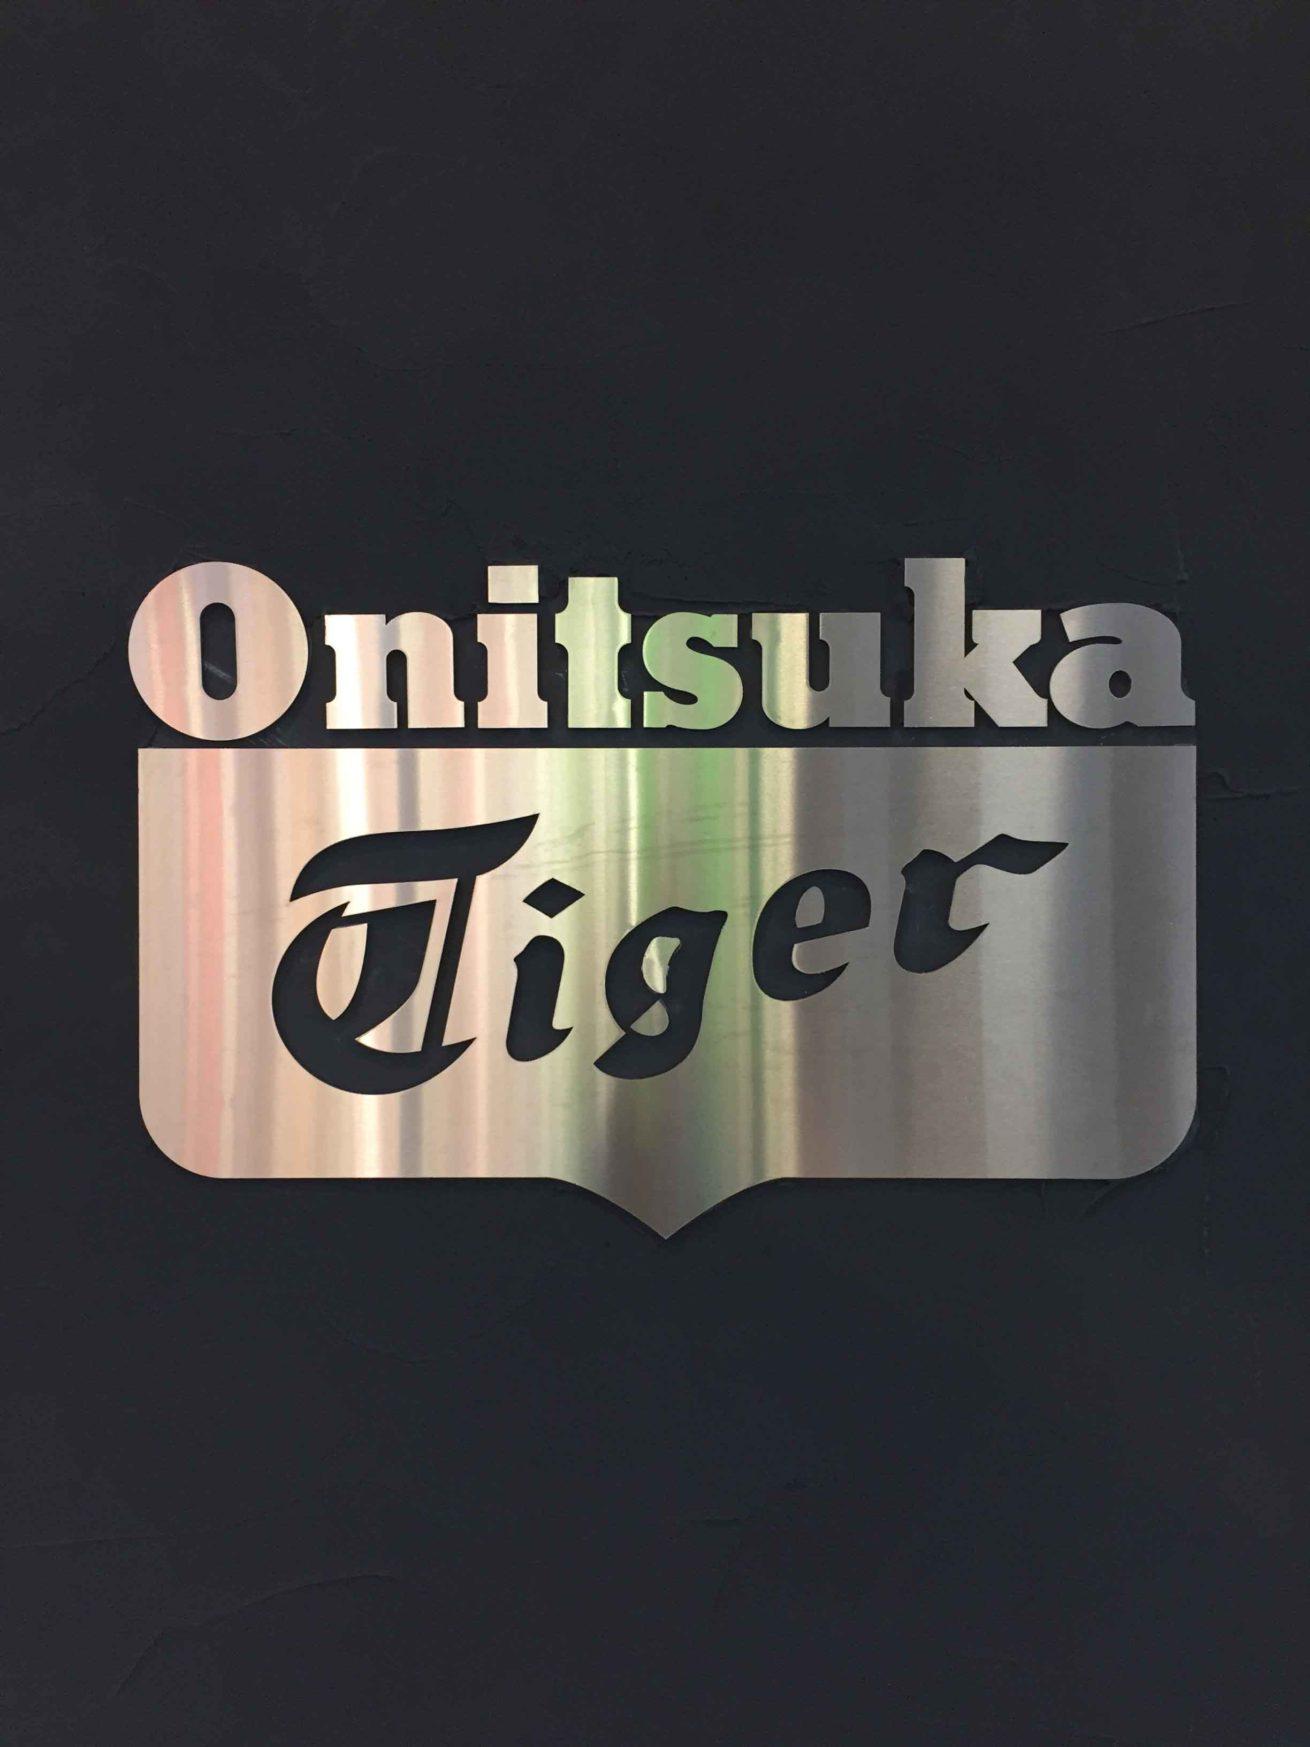 Onitsuka Tiger8